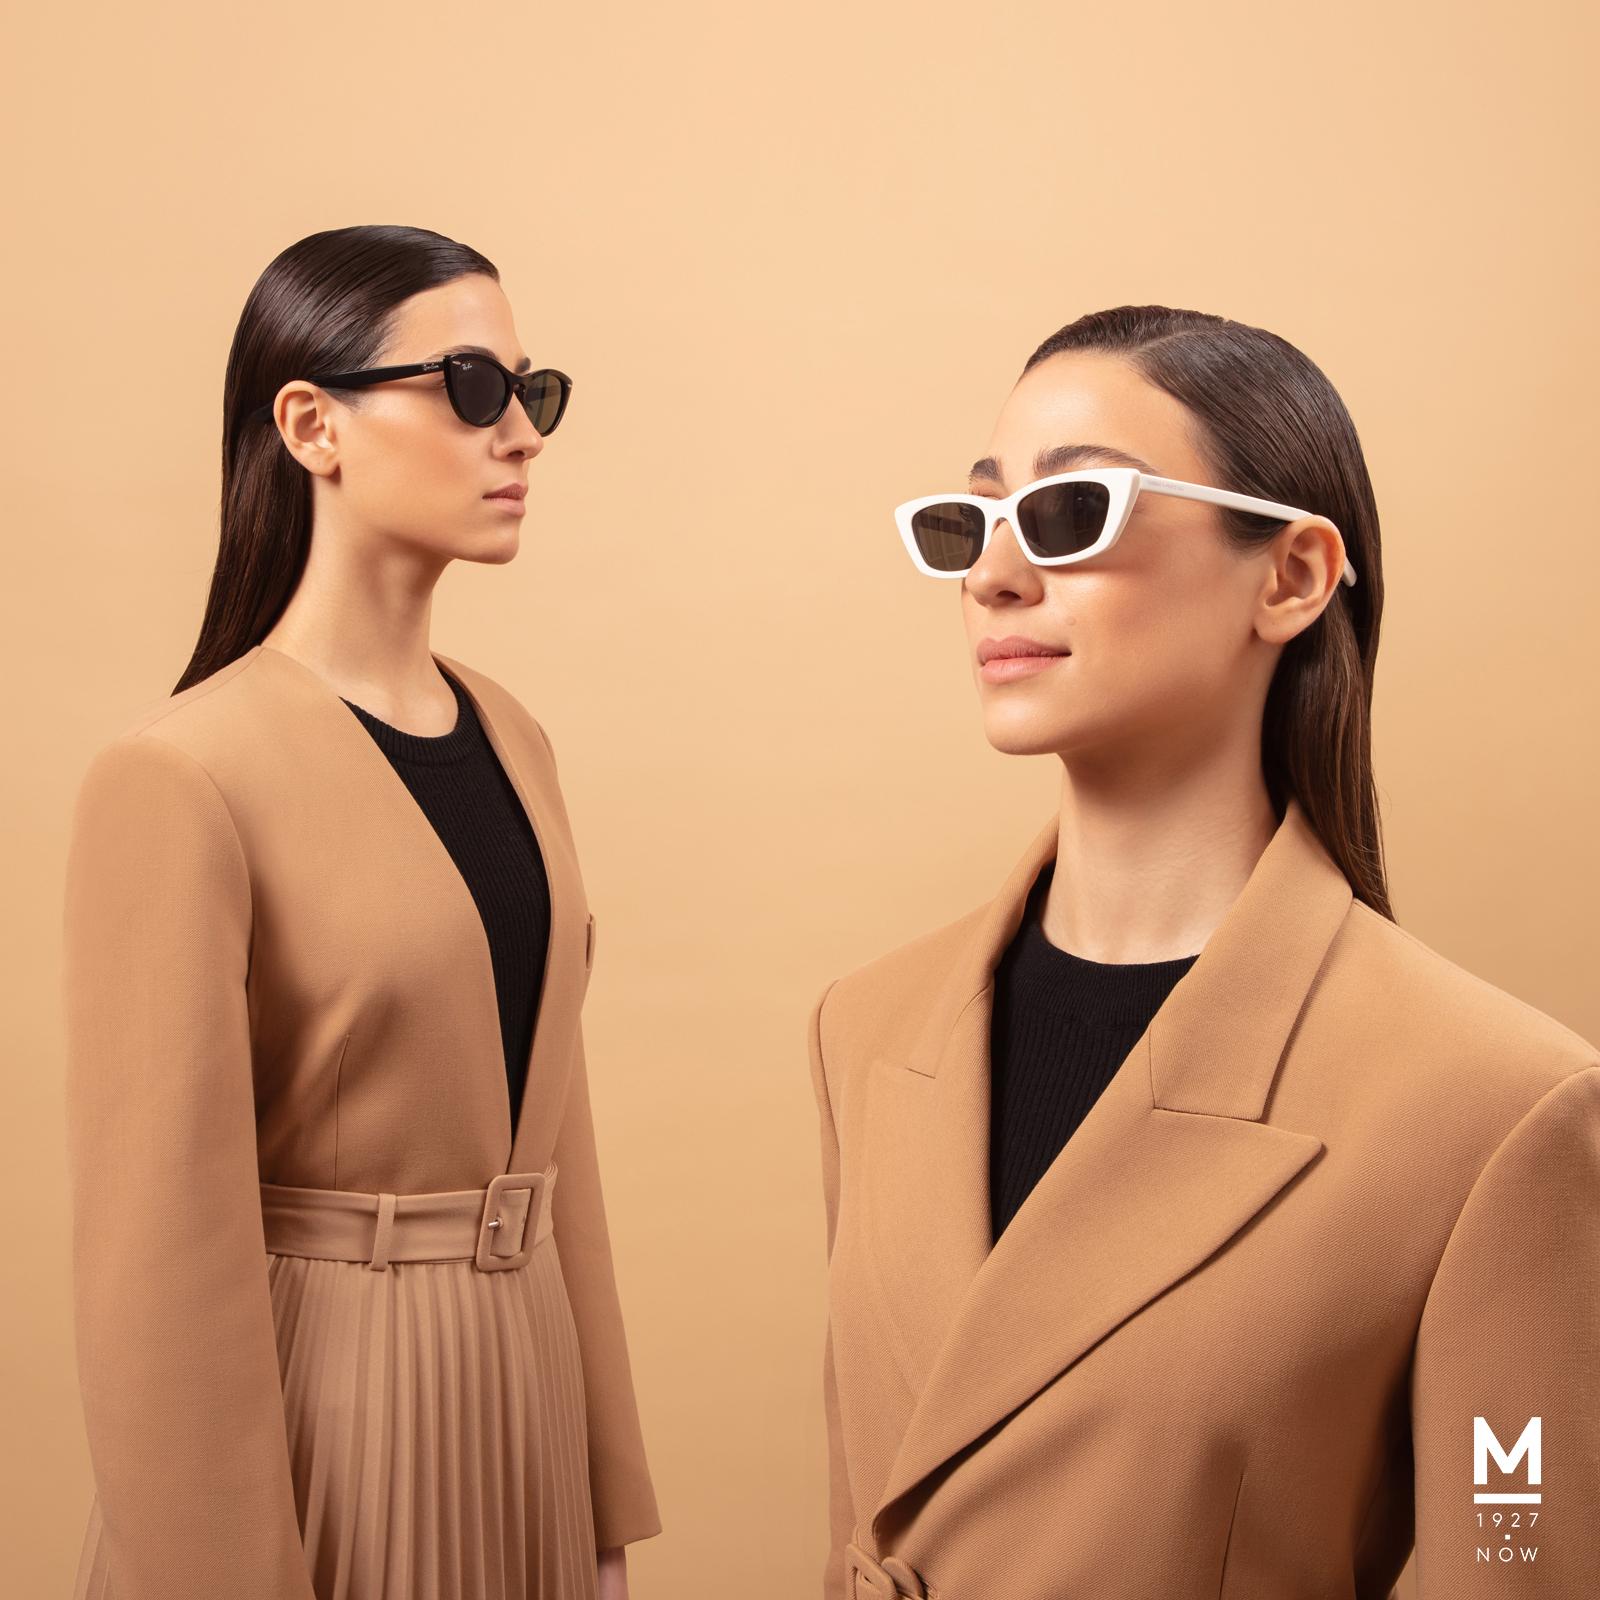 MAGRABI by Eli Rezkallah, Plastik Studios 201915.jpg